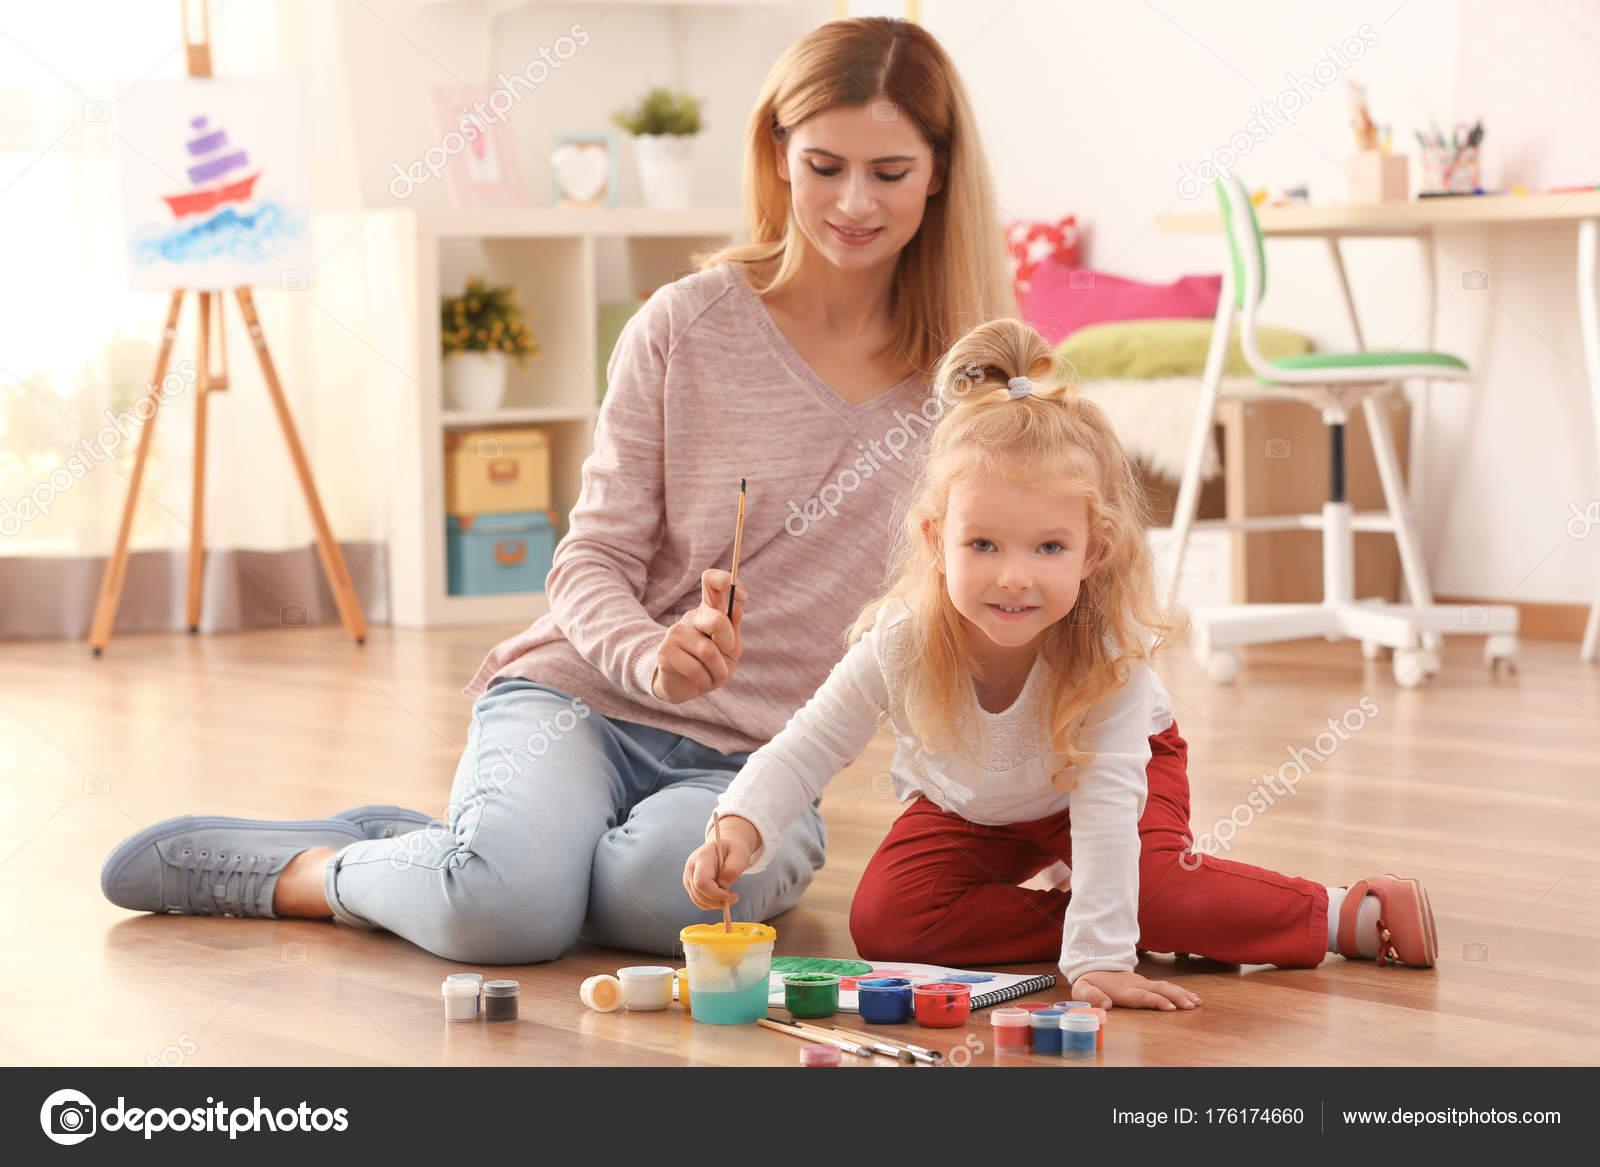 Sevimli Kız Boyama Resmi Kağıt Kapalı üzerine Annesiyle Stok Foto